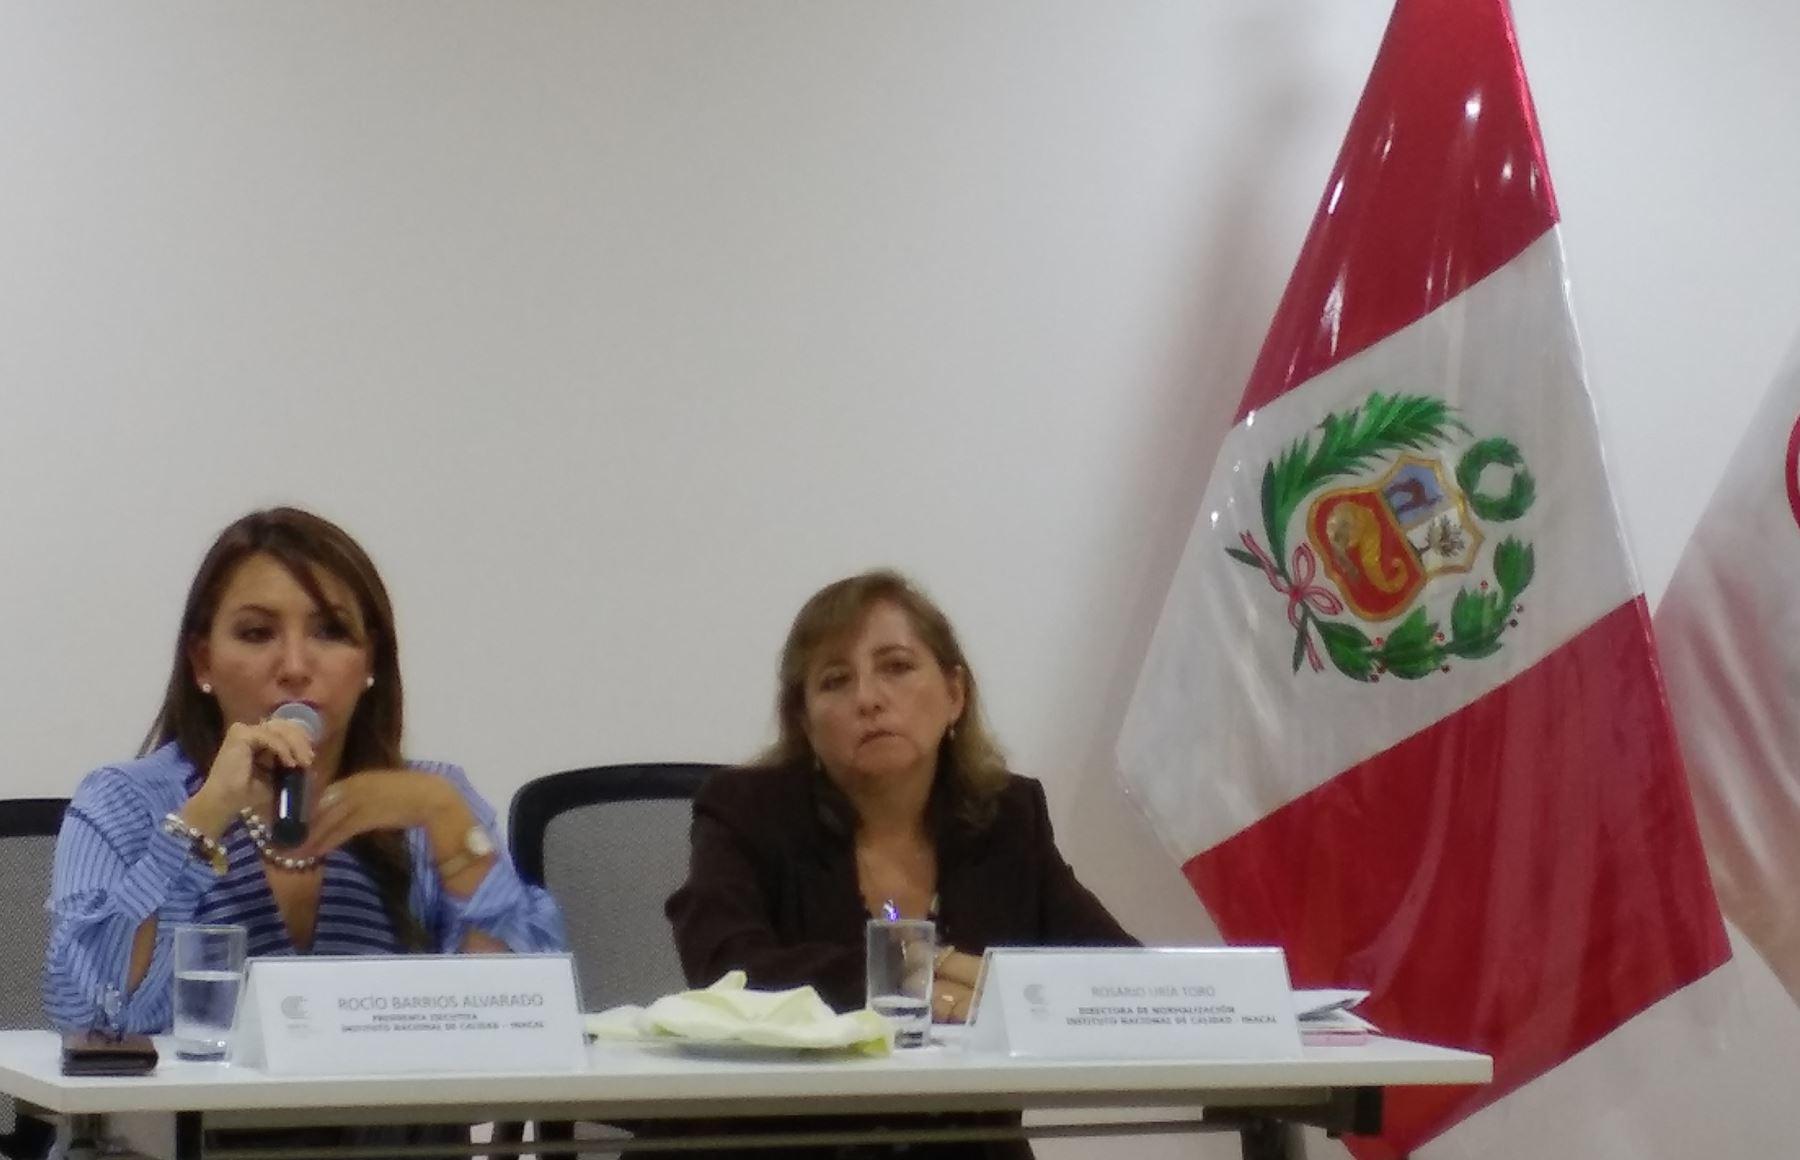 La presidenta ejecutiva del Inacal, Rocío Barrios anuncia la próxima implementación de la norma antisoborno ISO 37001, acompañada de la directora de Normalización del Inacal, Rosario Uria. Foto: Andina.